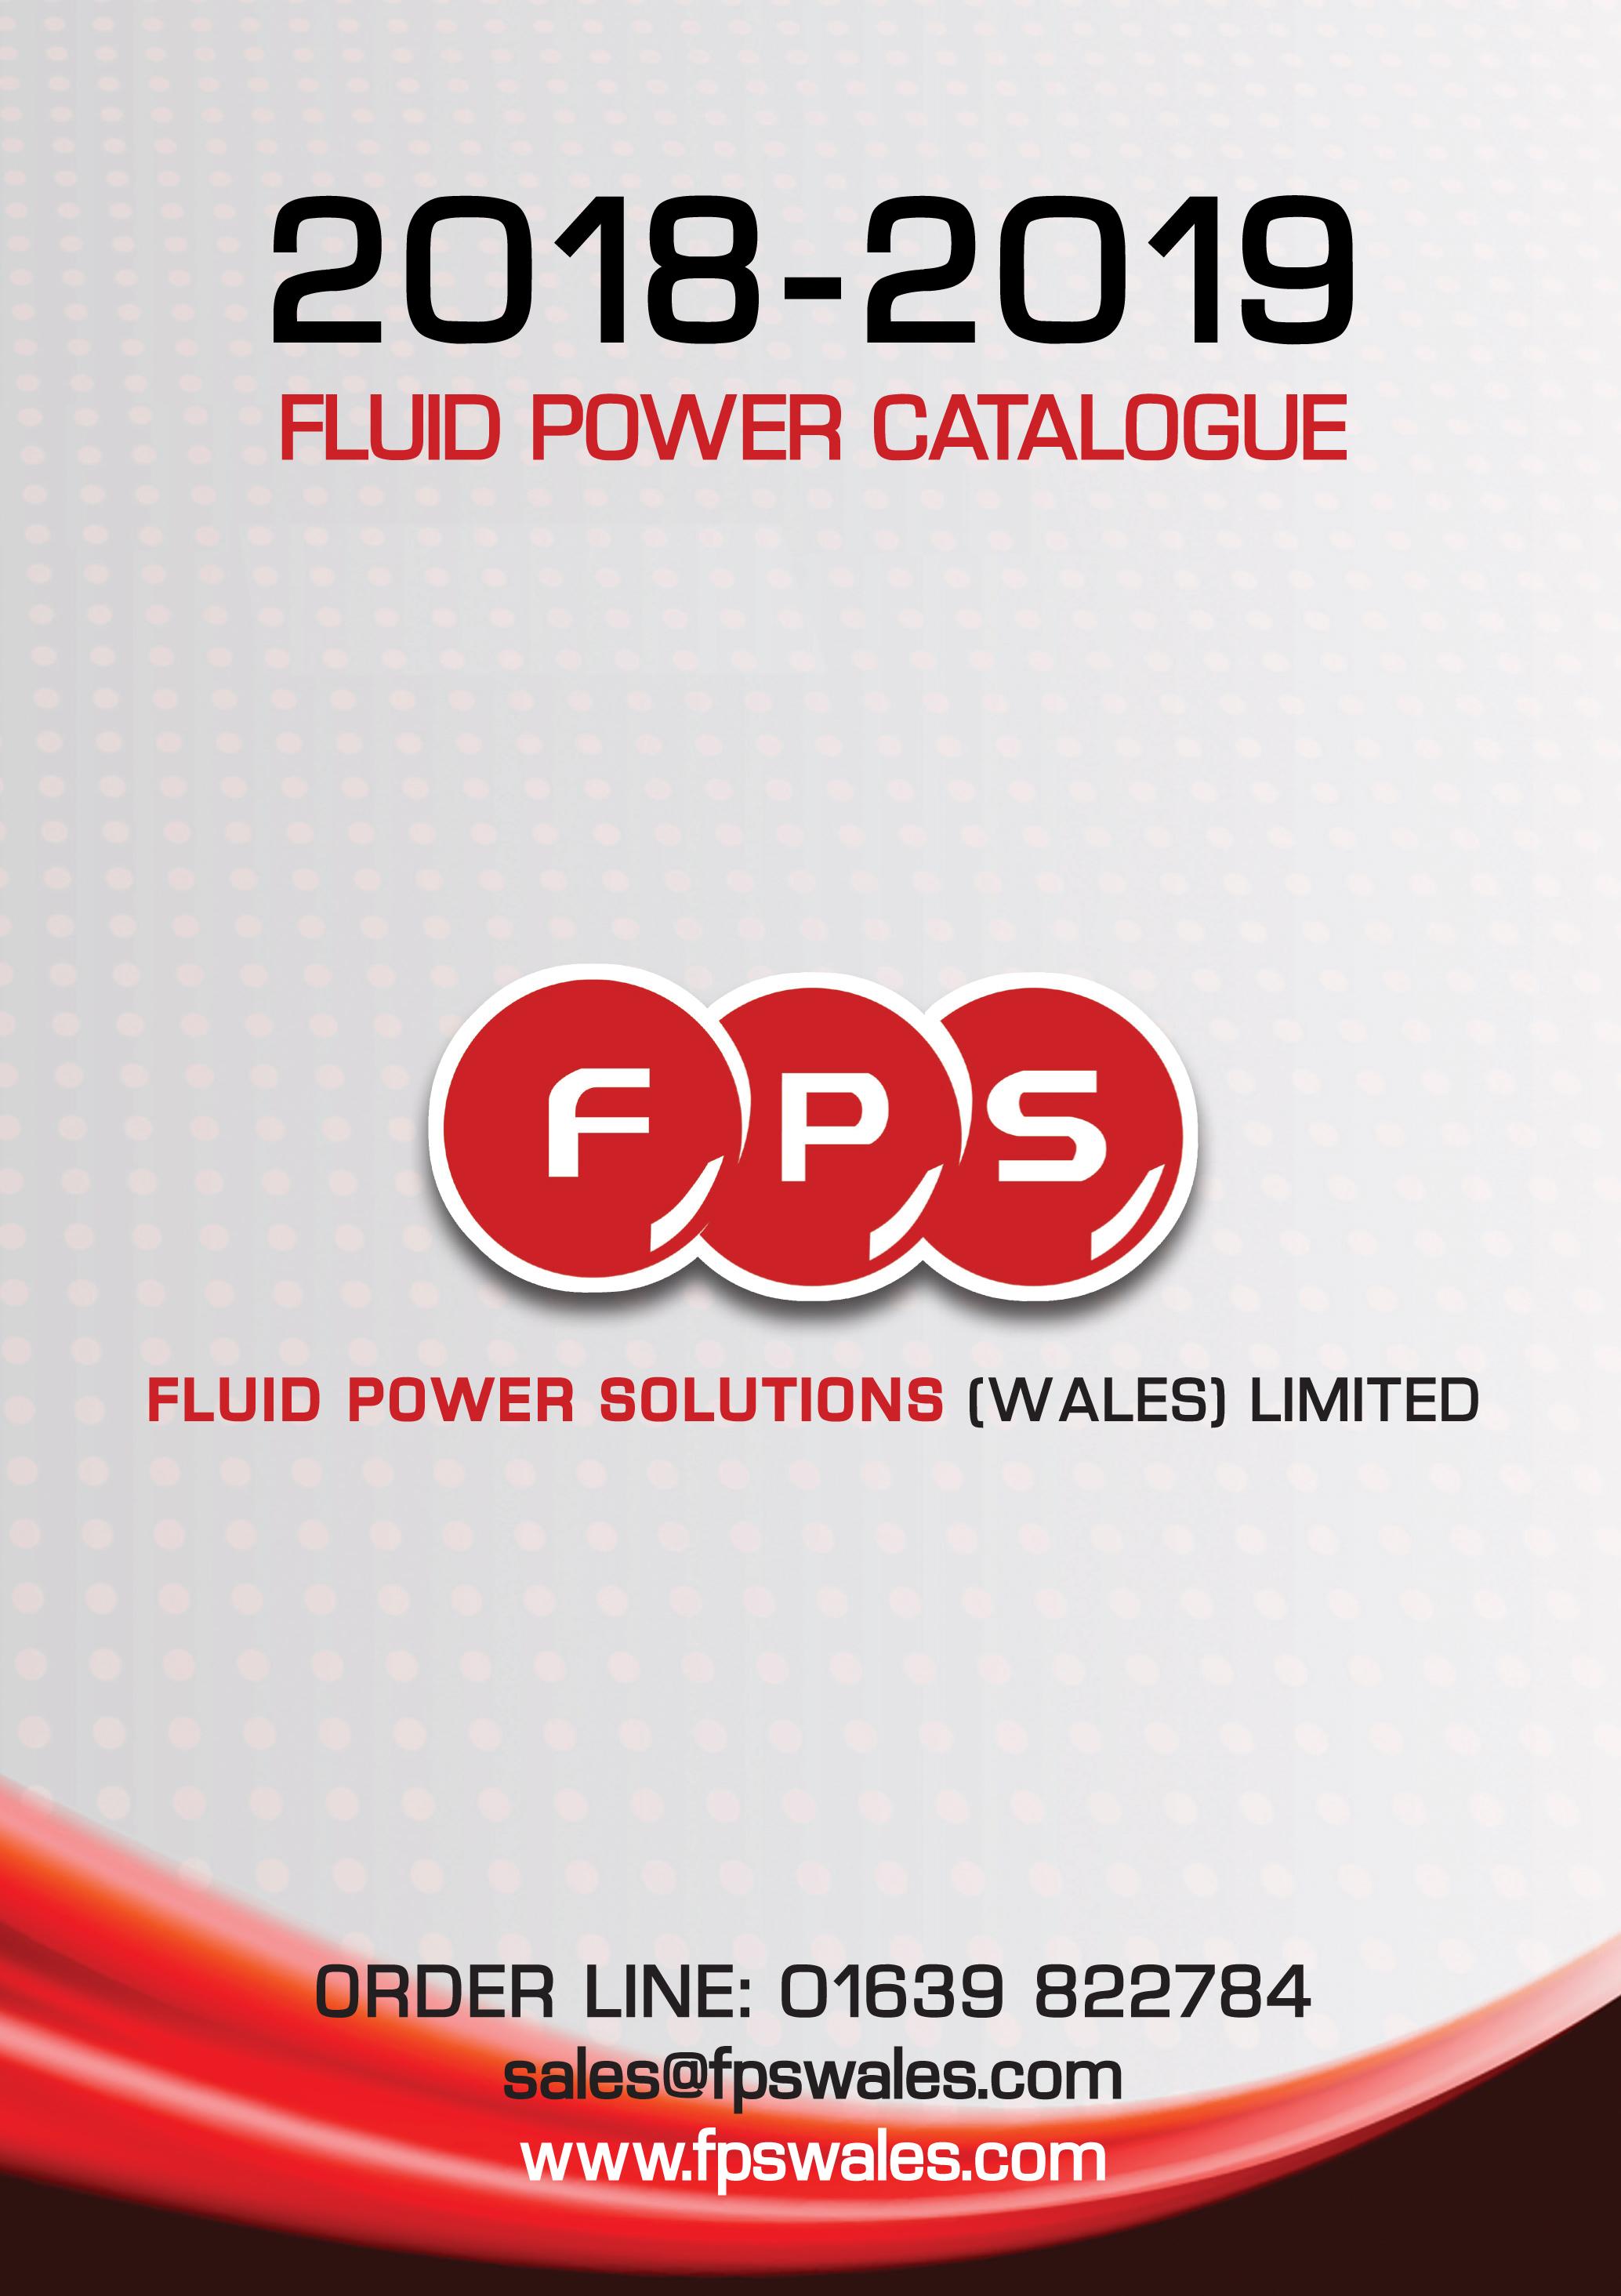 FPS Wales